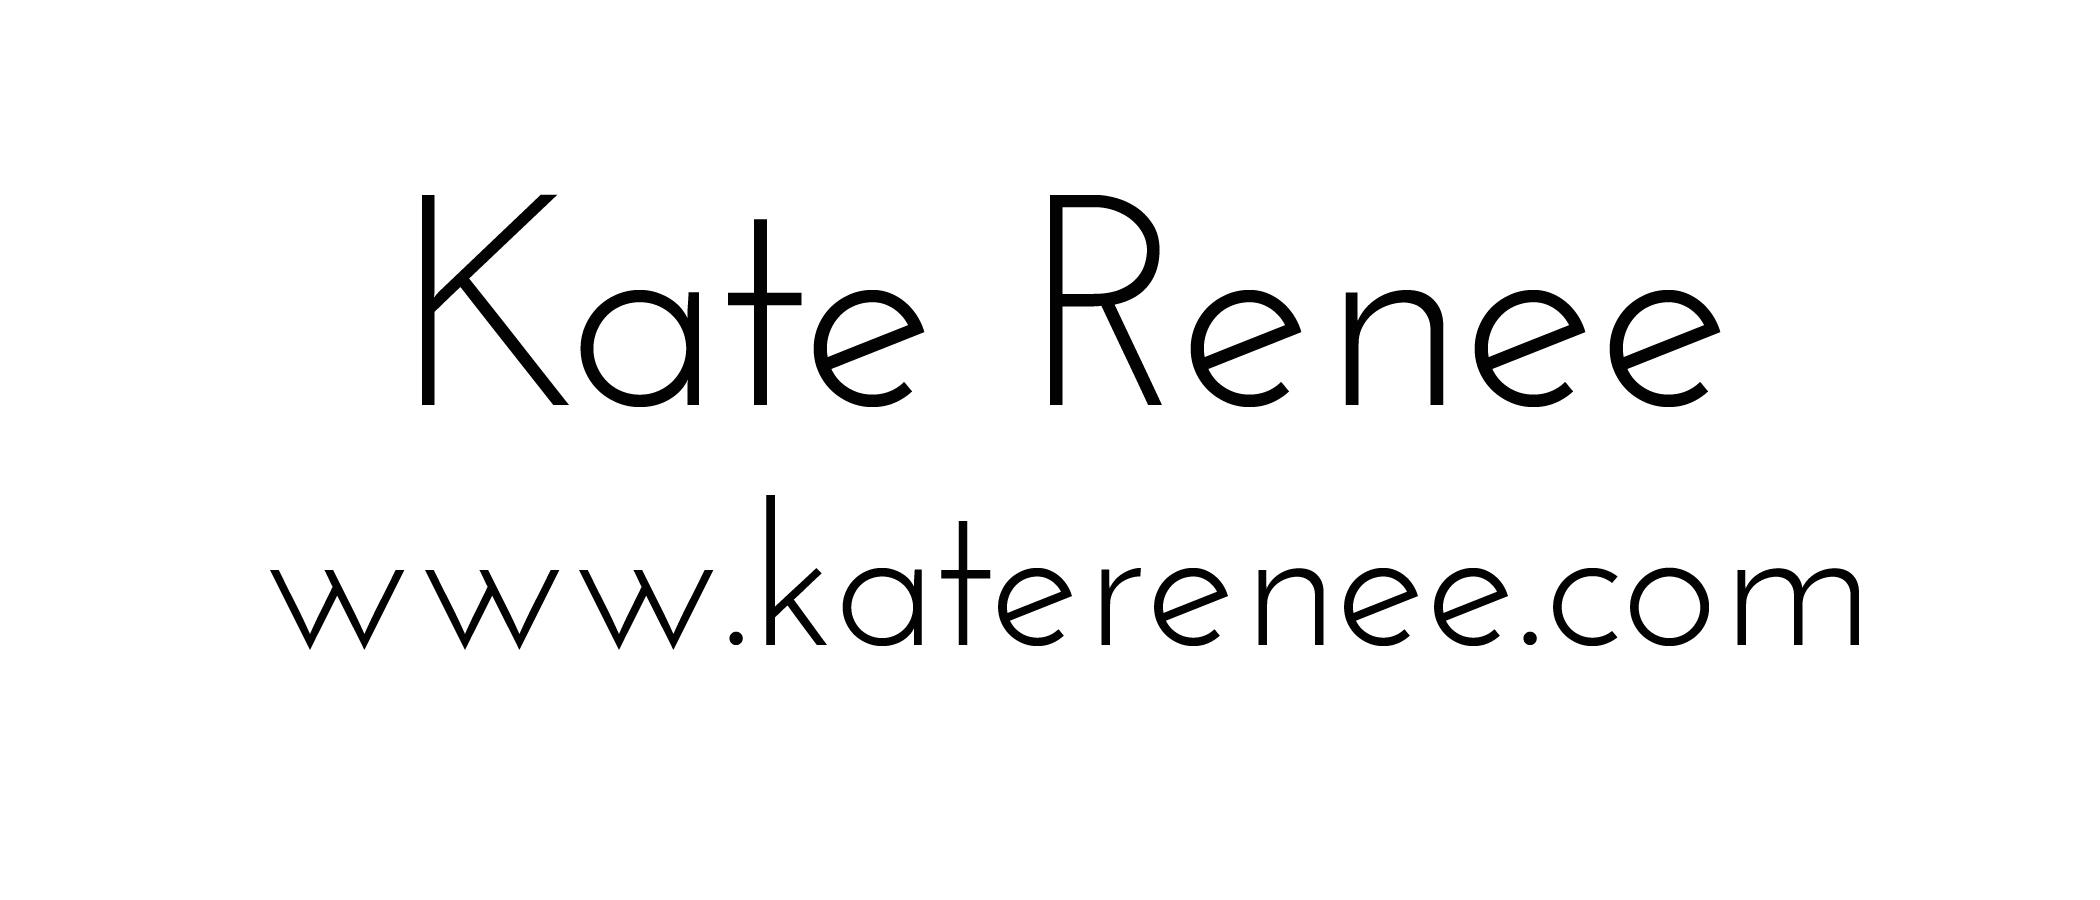 Kate Renee